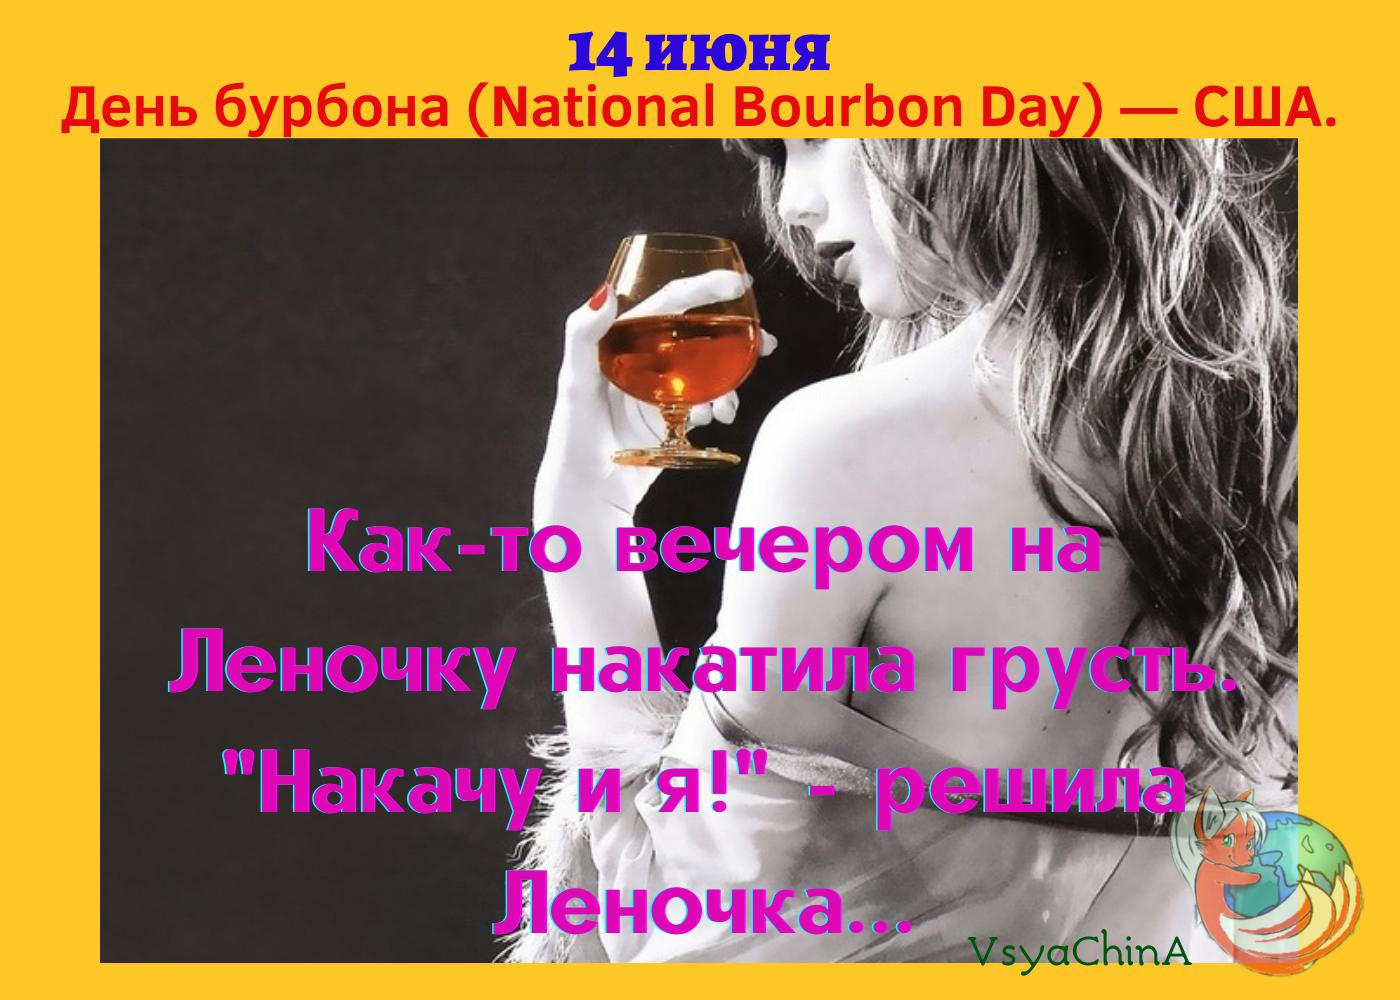 Календарь удивительных праздников. 14 июня.